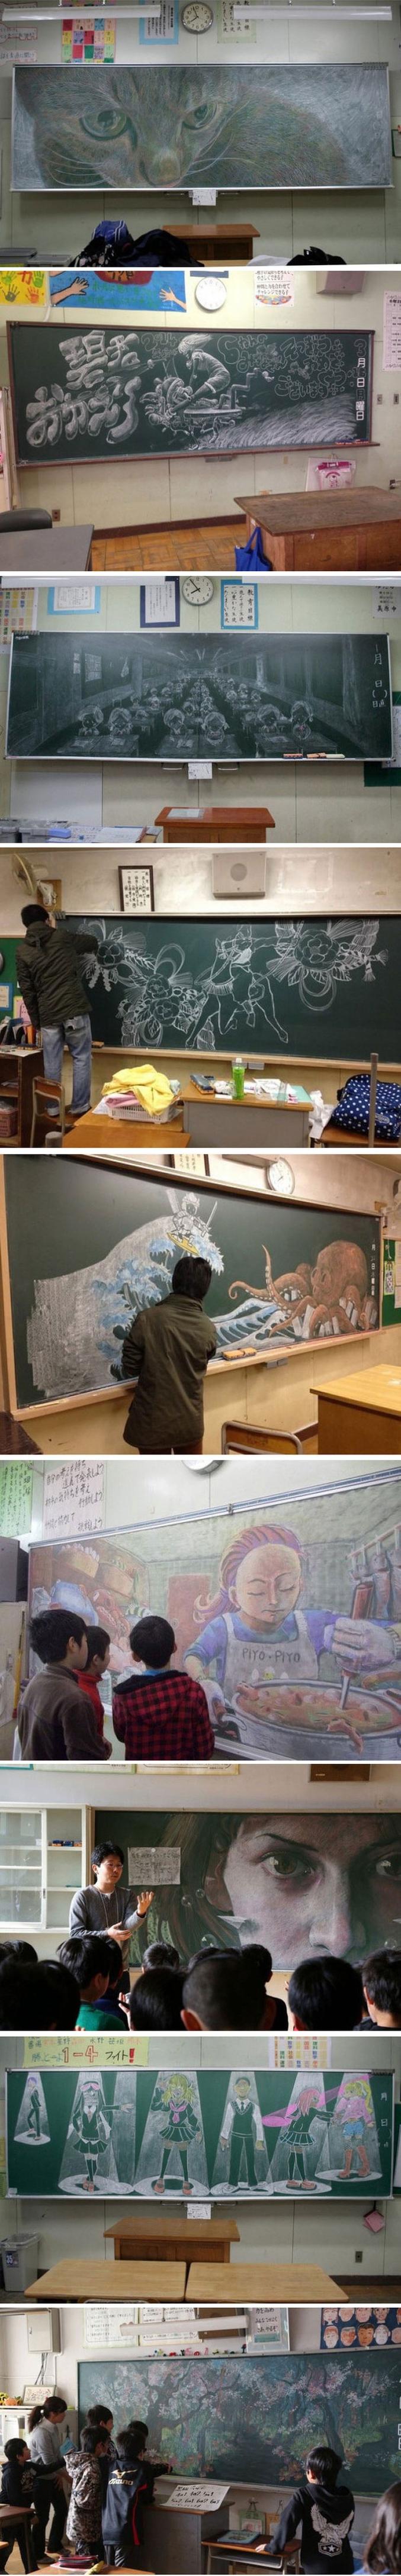 L'école de l'art.